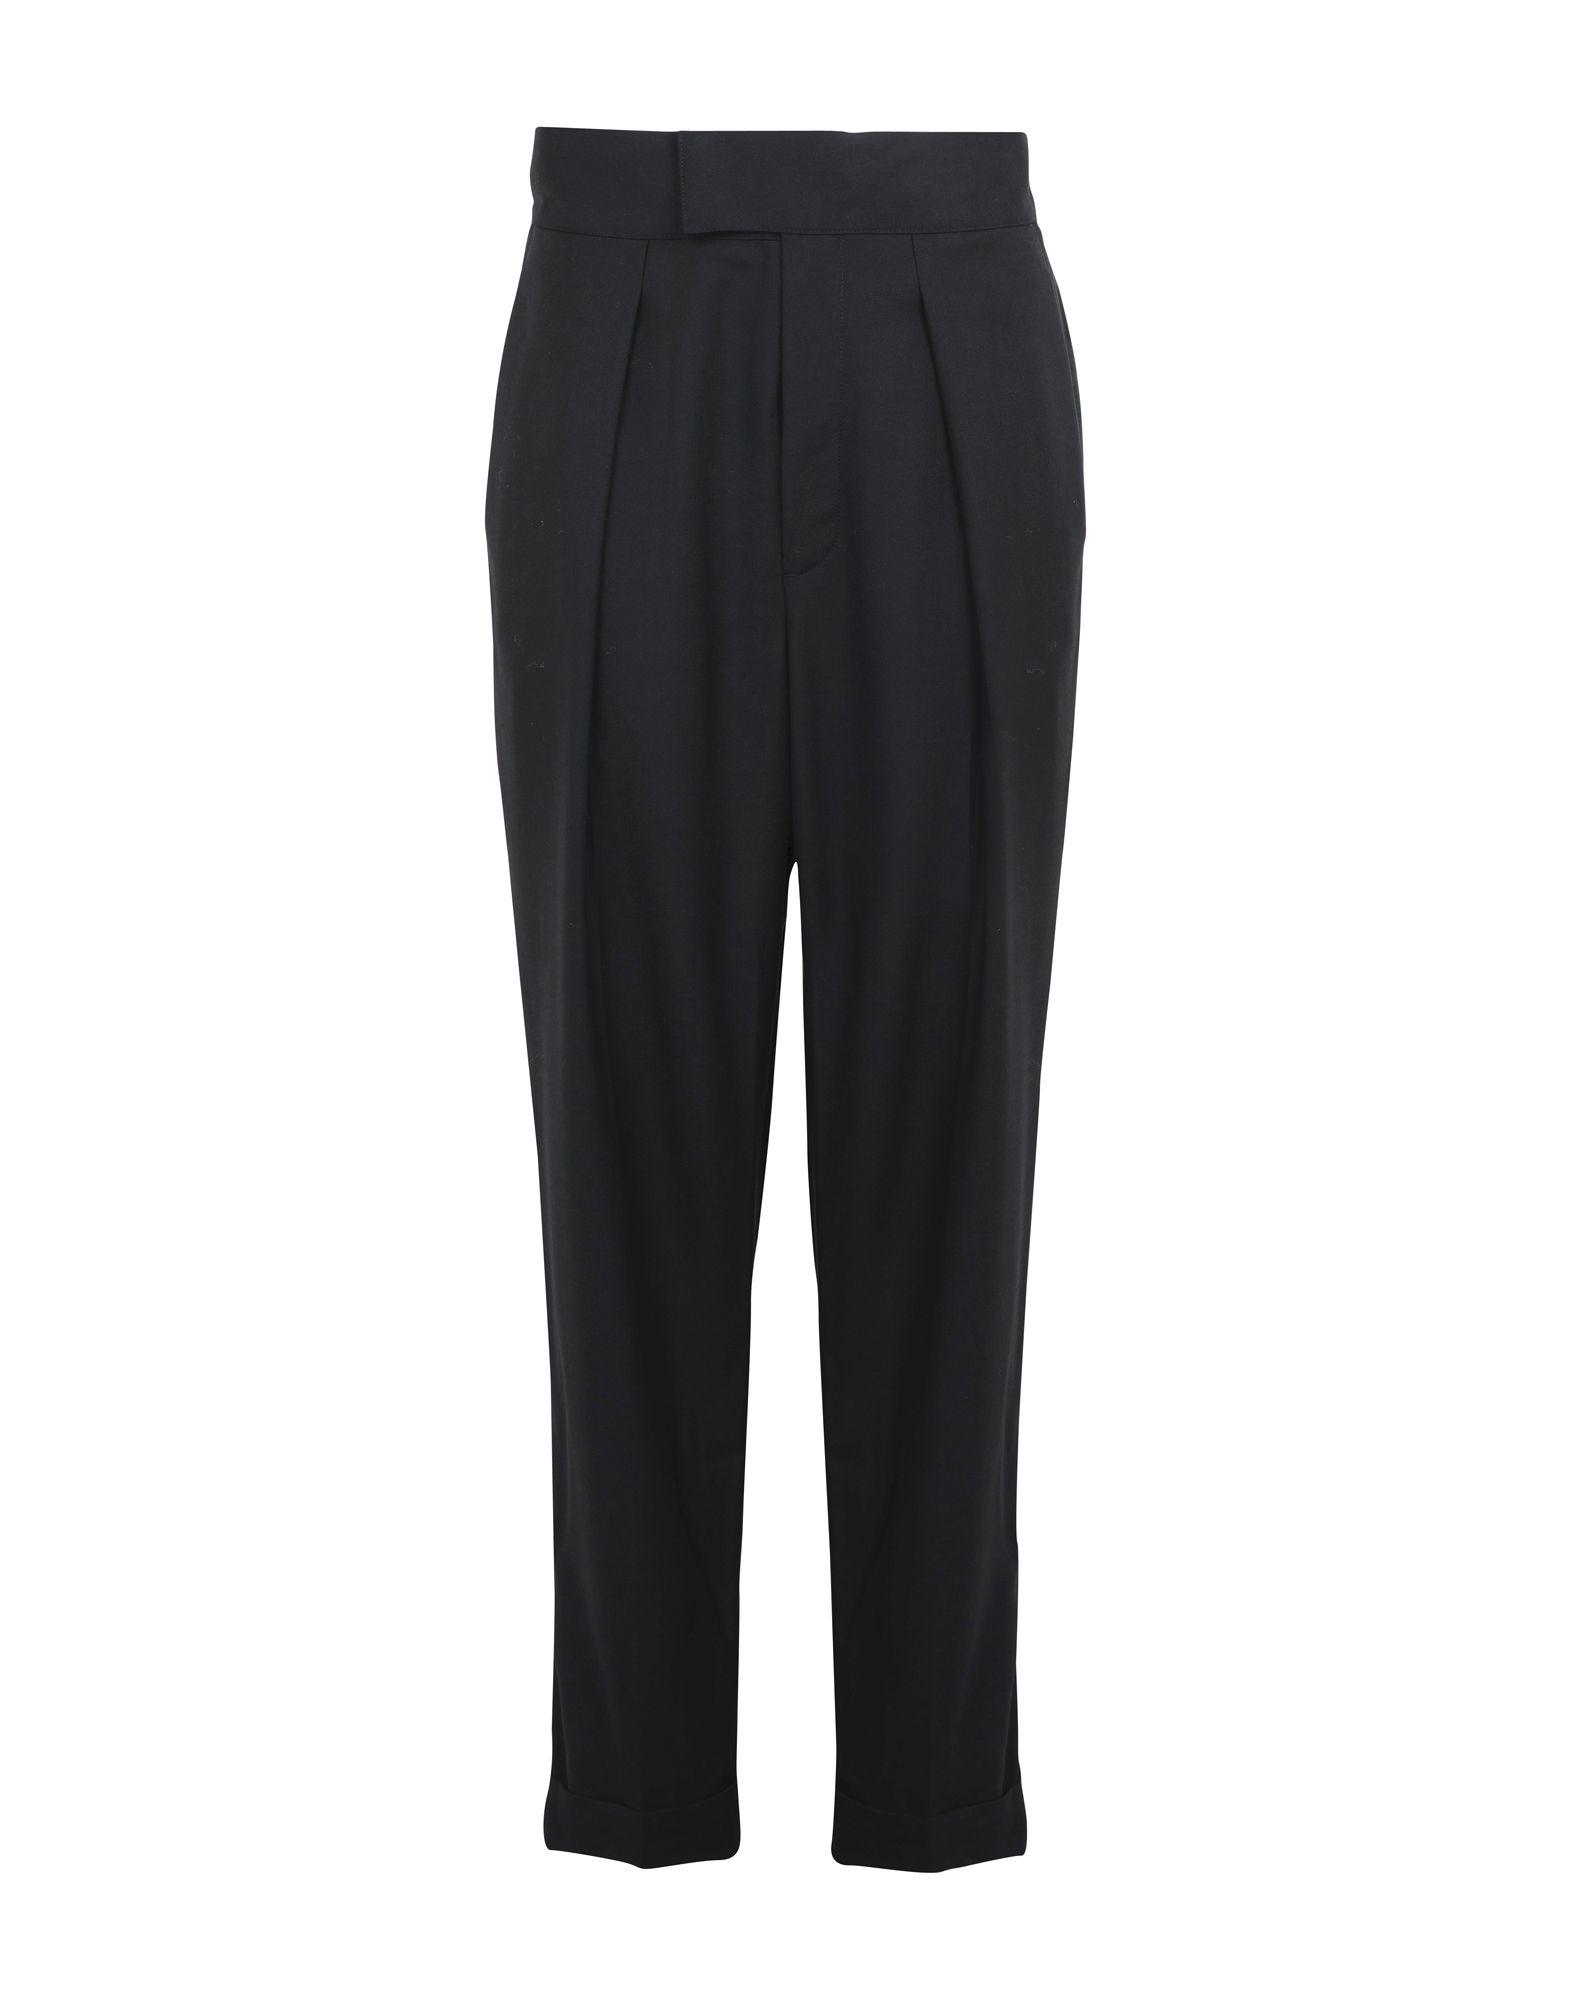 《送料無料》POLO RALPH LAUREN レディース パンツ ブラック 0 ウール 100% Tuxedo Wool Straight pant